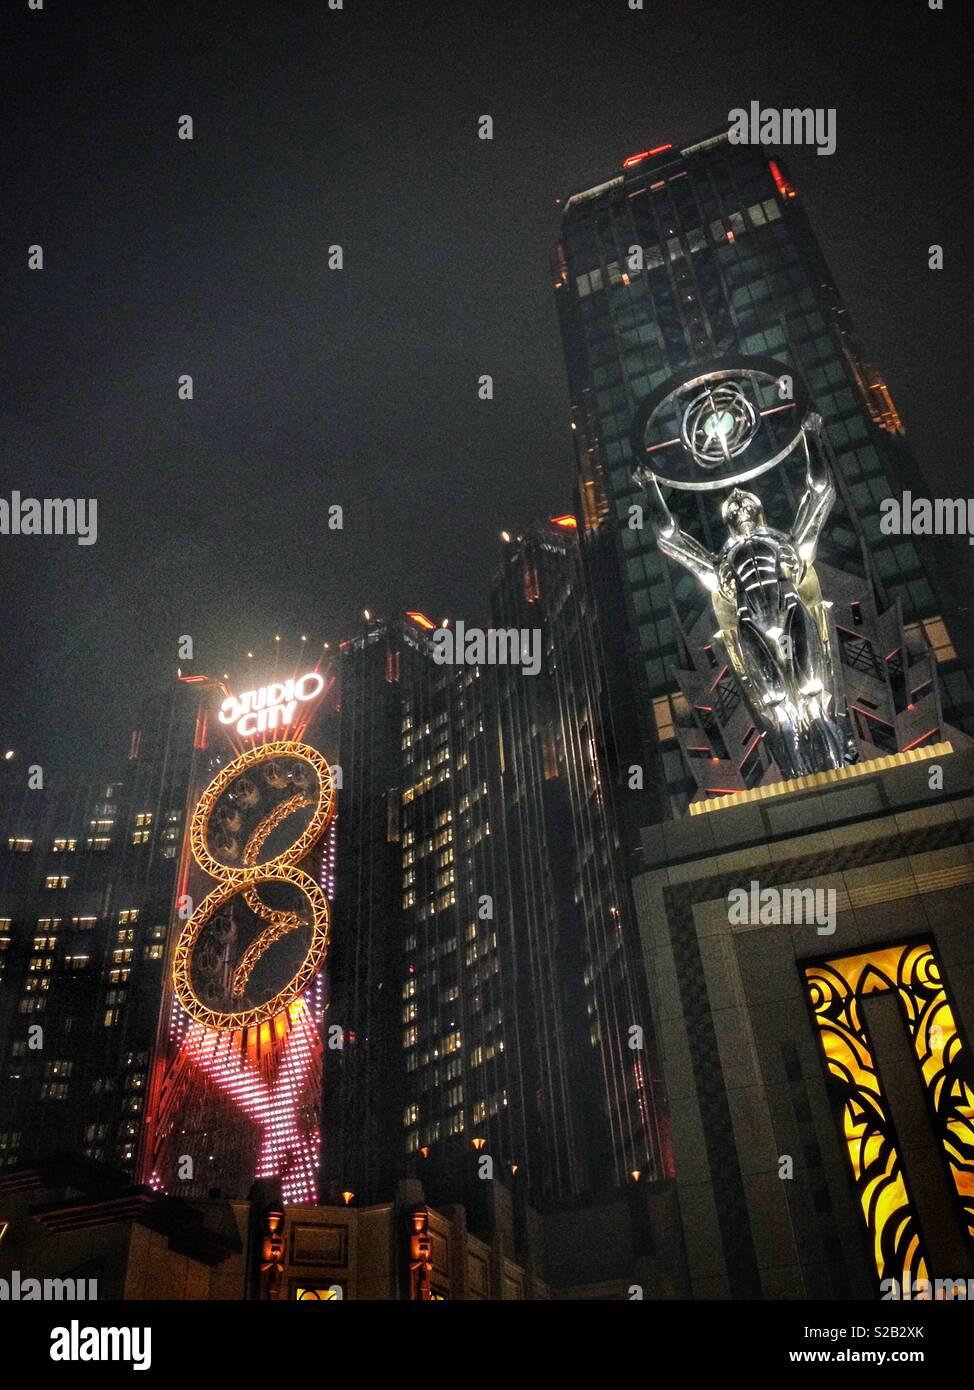 Studio City Hotel, Casino et shopping complex, Macao, avec la bobine d'Or, la première figure-8 grande roue. 8 est un chiffre porte-bonheur dans la culture chinoise. Photo Stock